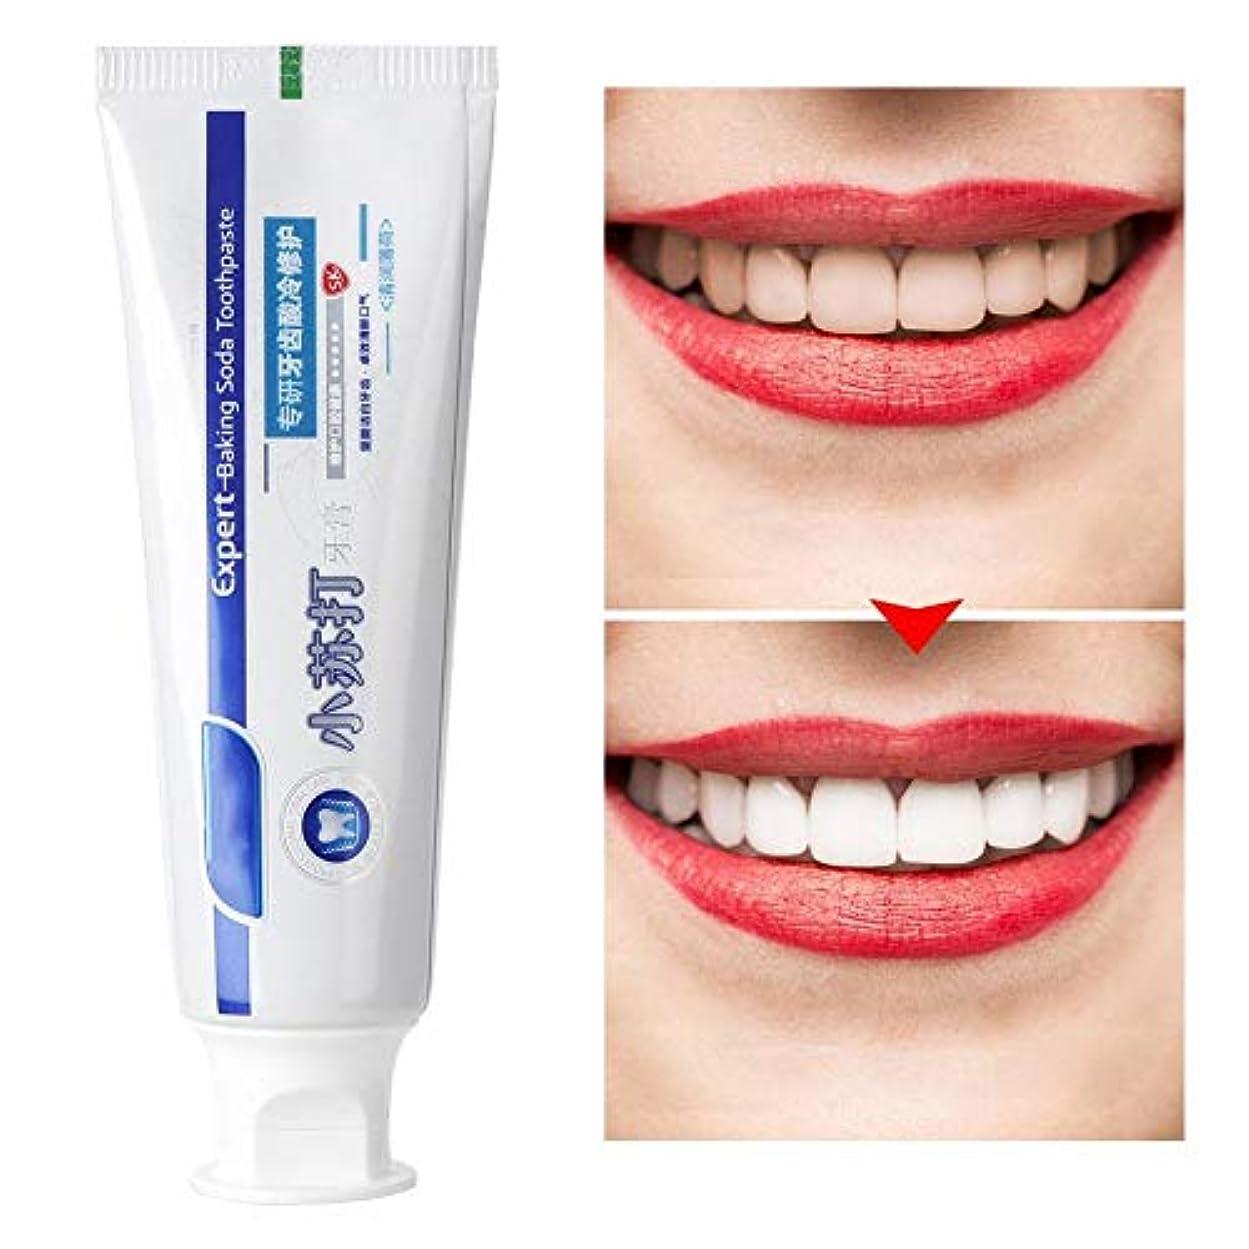 調べる質量スリル歯磨き粉、さわやかなミントを白くする重曹の歯磨き粉歯磨き粉オーラルケアツール100g(クリアミント)